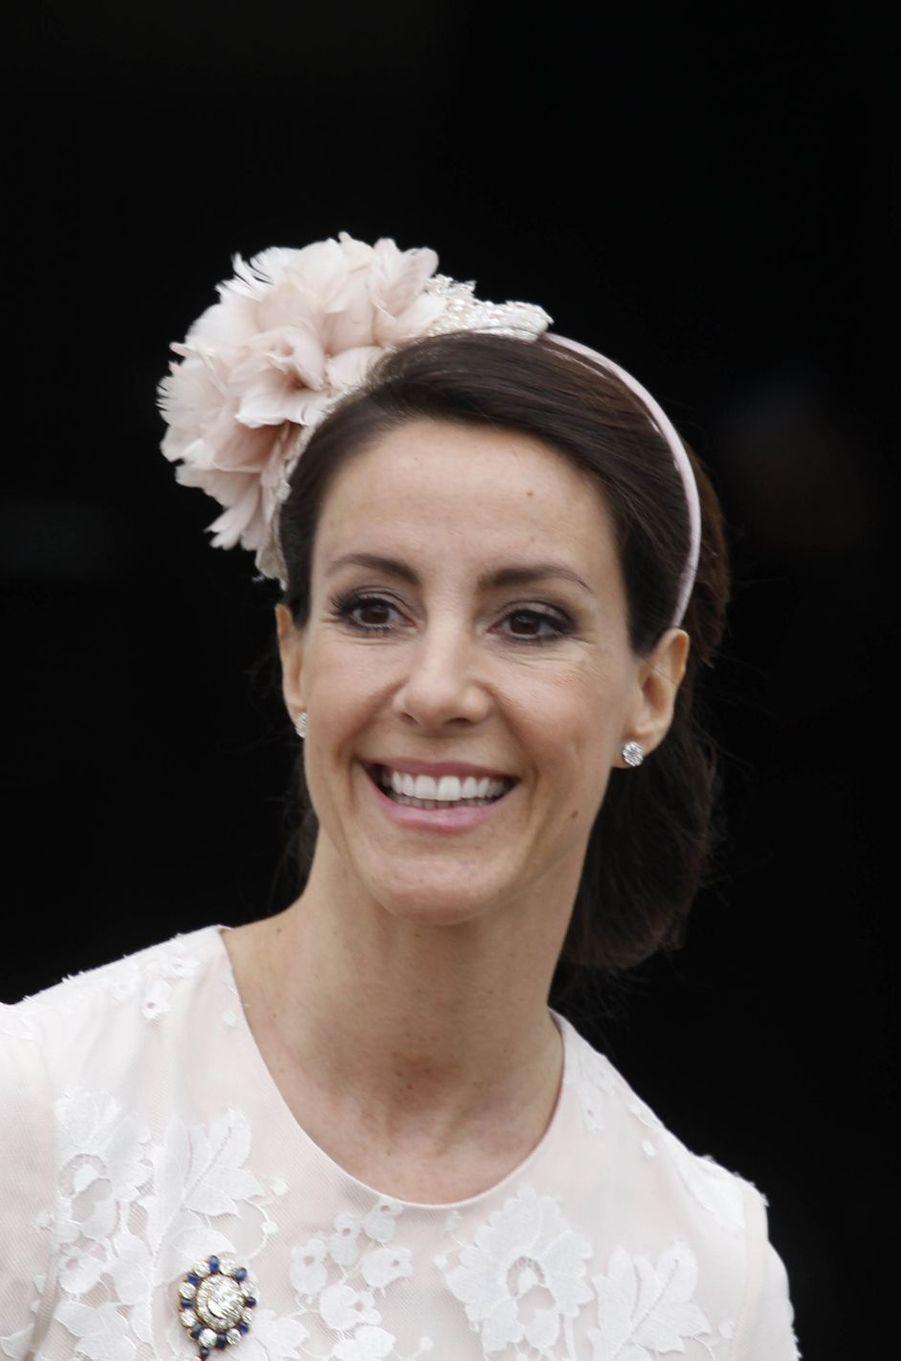 La princesse Marie de Danemark à Fredensborg, le 1er avril 2017